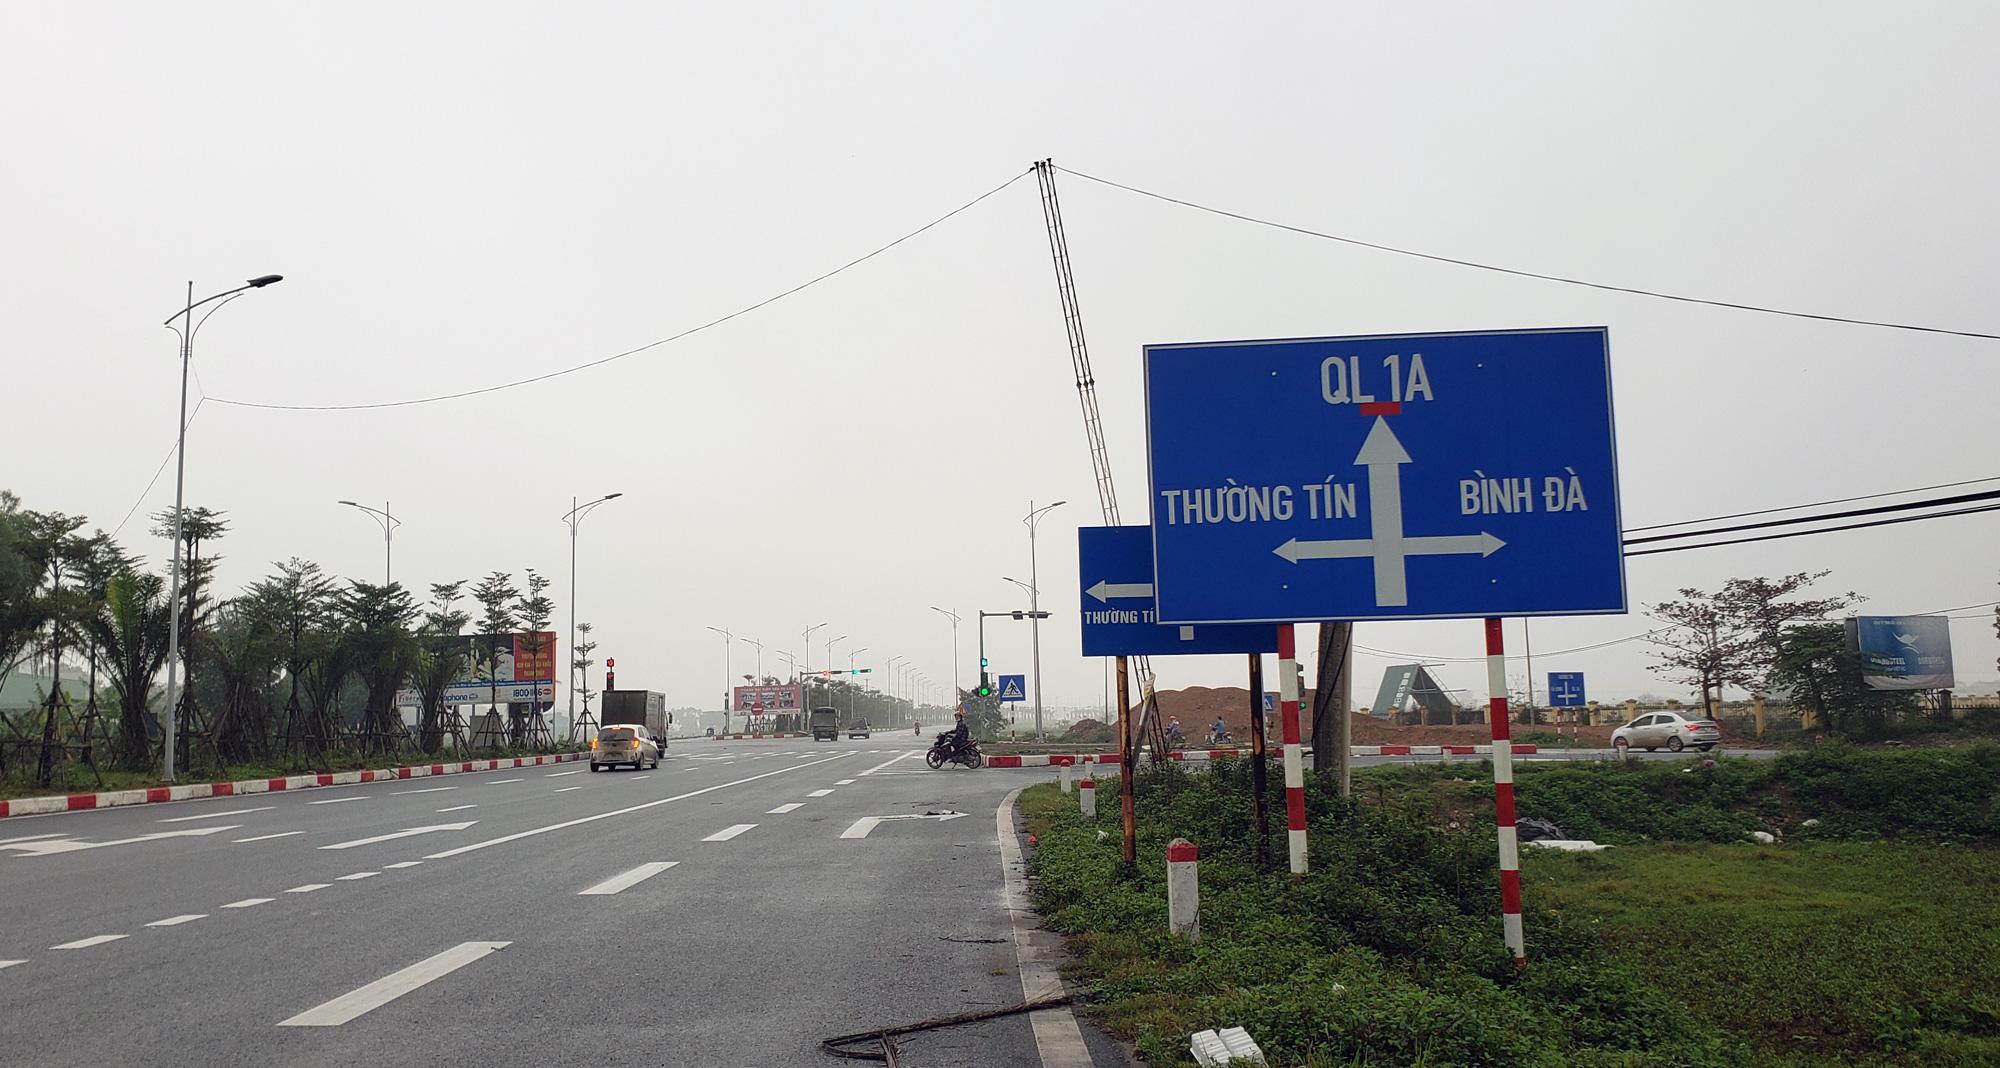 Đường sẽ mở theo qui hoạch: Toàn cảnh đường trục Tây Nam Hà Nội qua KĐT Thanh Hà - Ảnh 14.